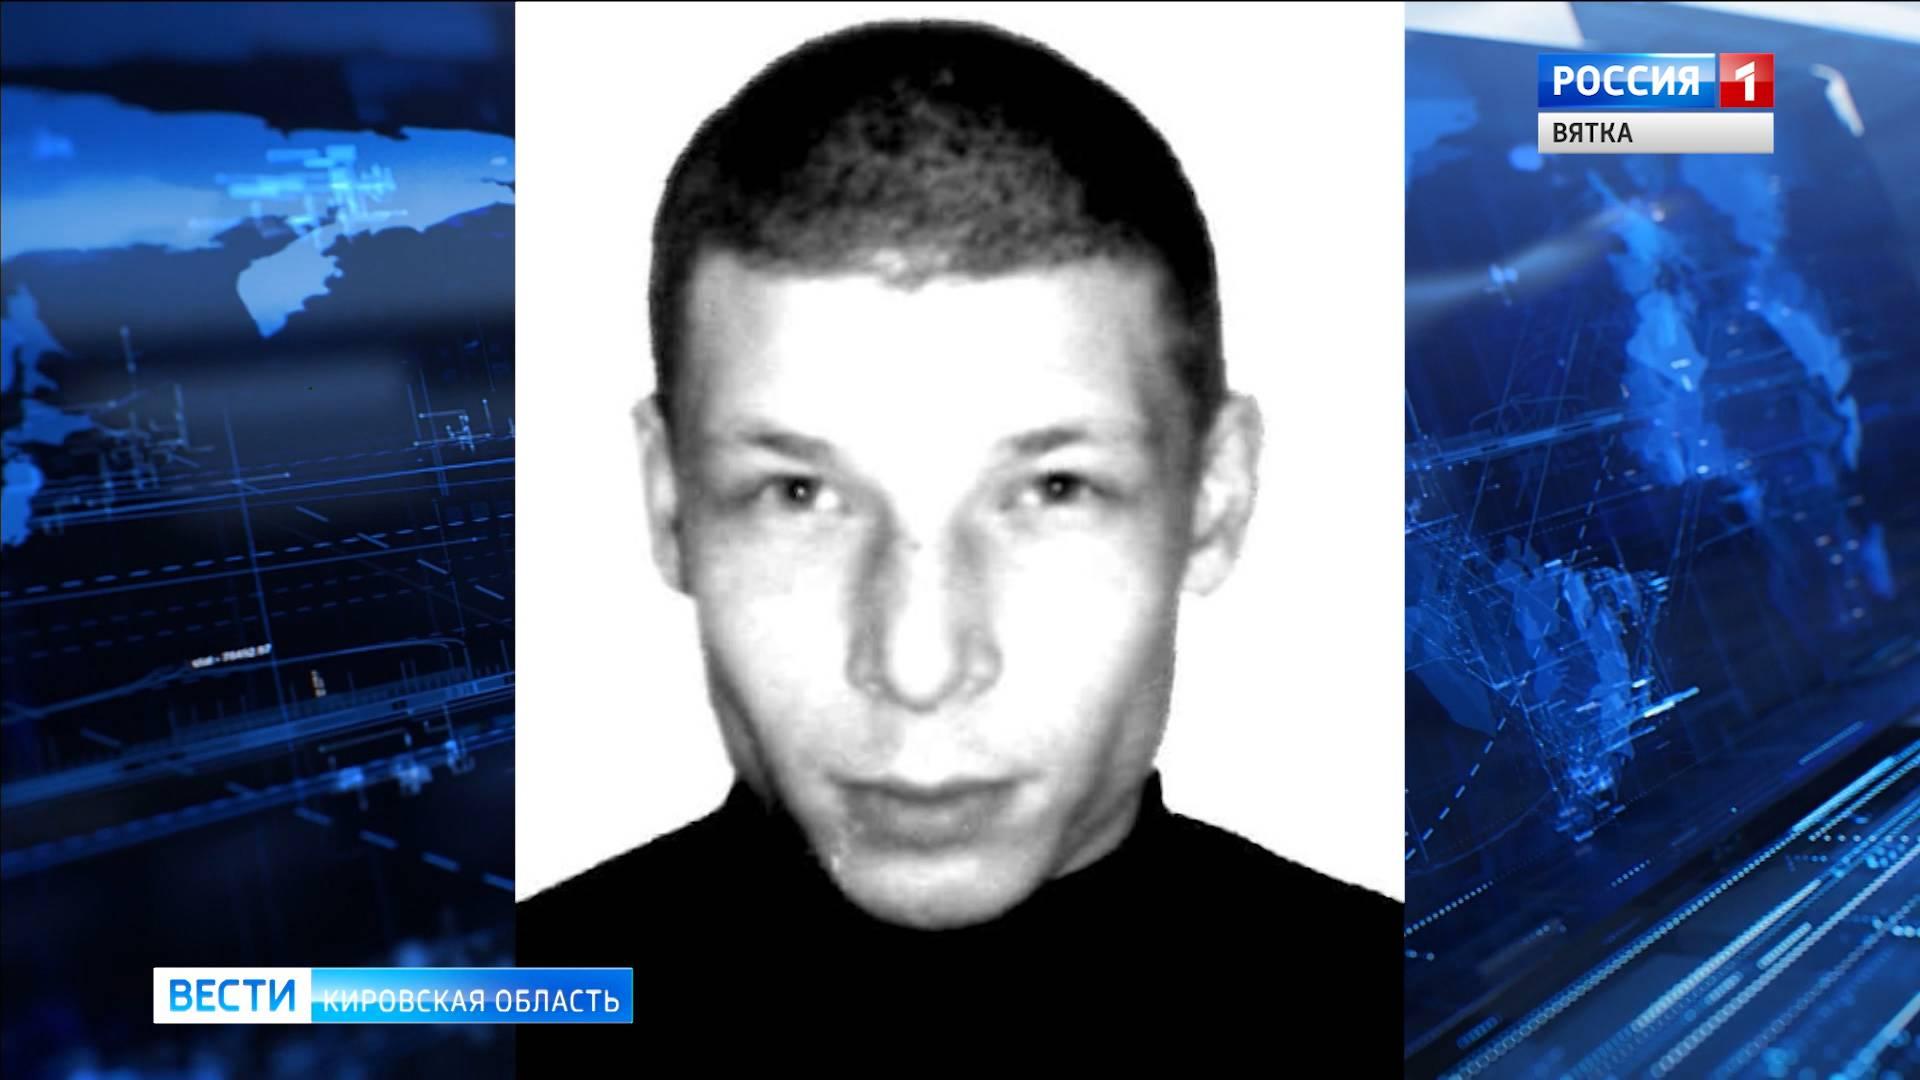 Кировские полицейские разыскивают подозреваемого в тяжком преступлении